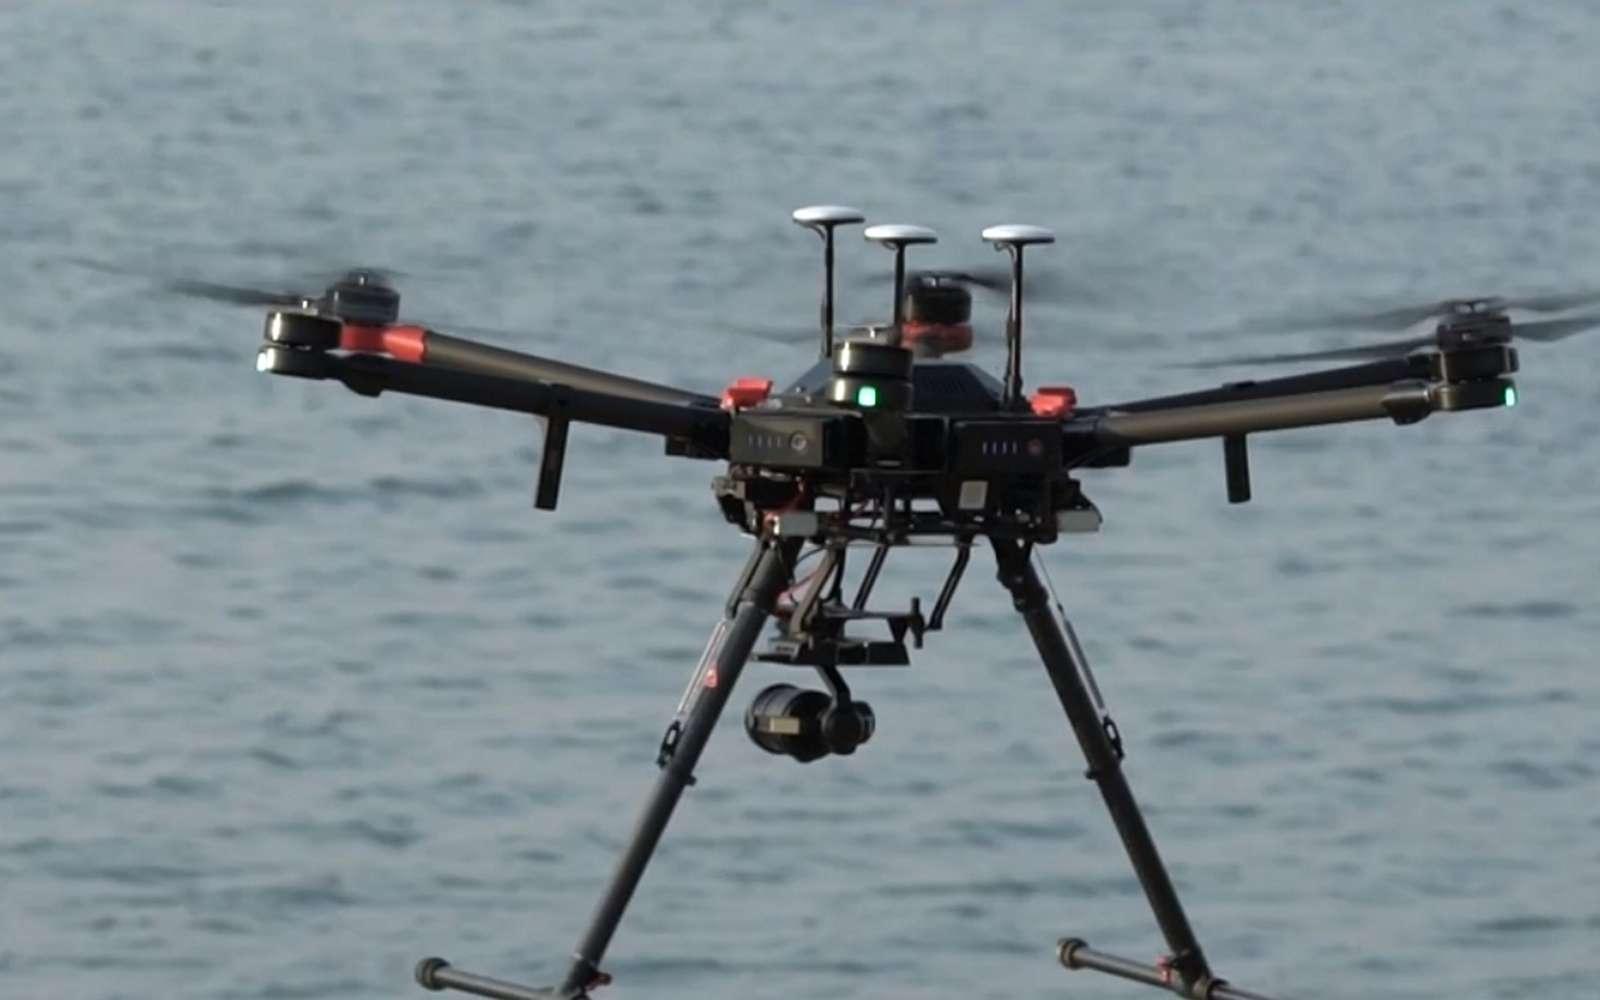 En souhaitant bannir les fabricants de drones chinois, les États-Unis visent particulièrement le numéro 1 mondial, l'incontournable DJI dont les aéronefs équipent 80 % des agences de l'État. © DJI